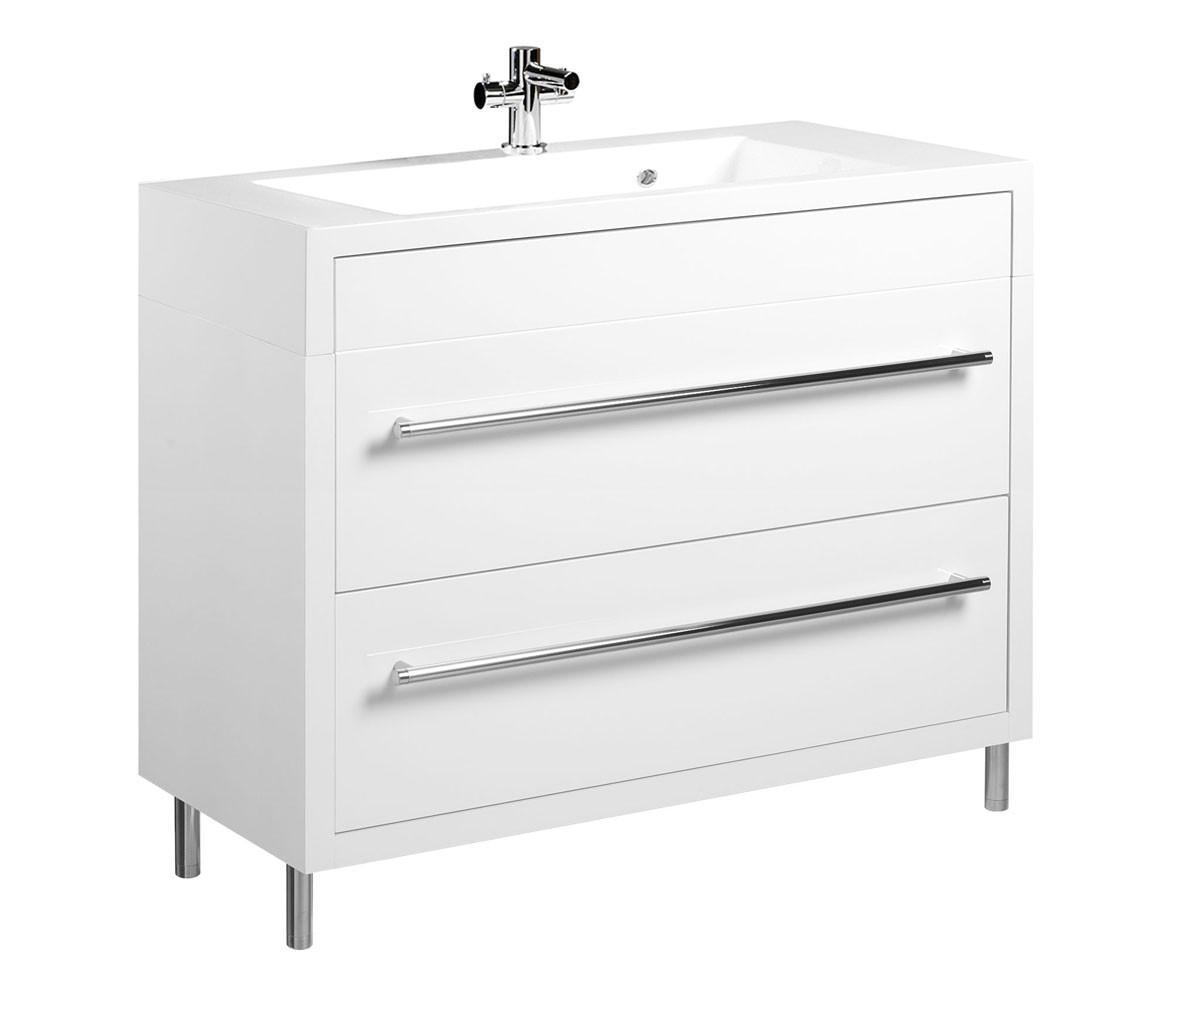 tiger serie boston waschtisch unterschrank wei mit schubladen br. Black Bedroom Furniture Sets. Home Design Ideas